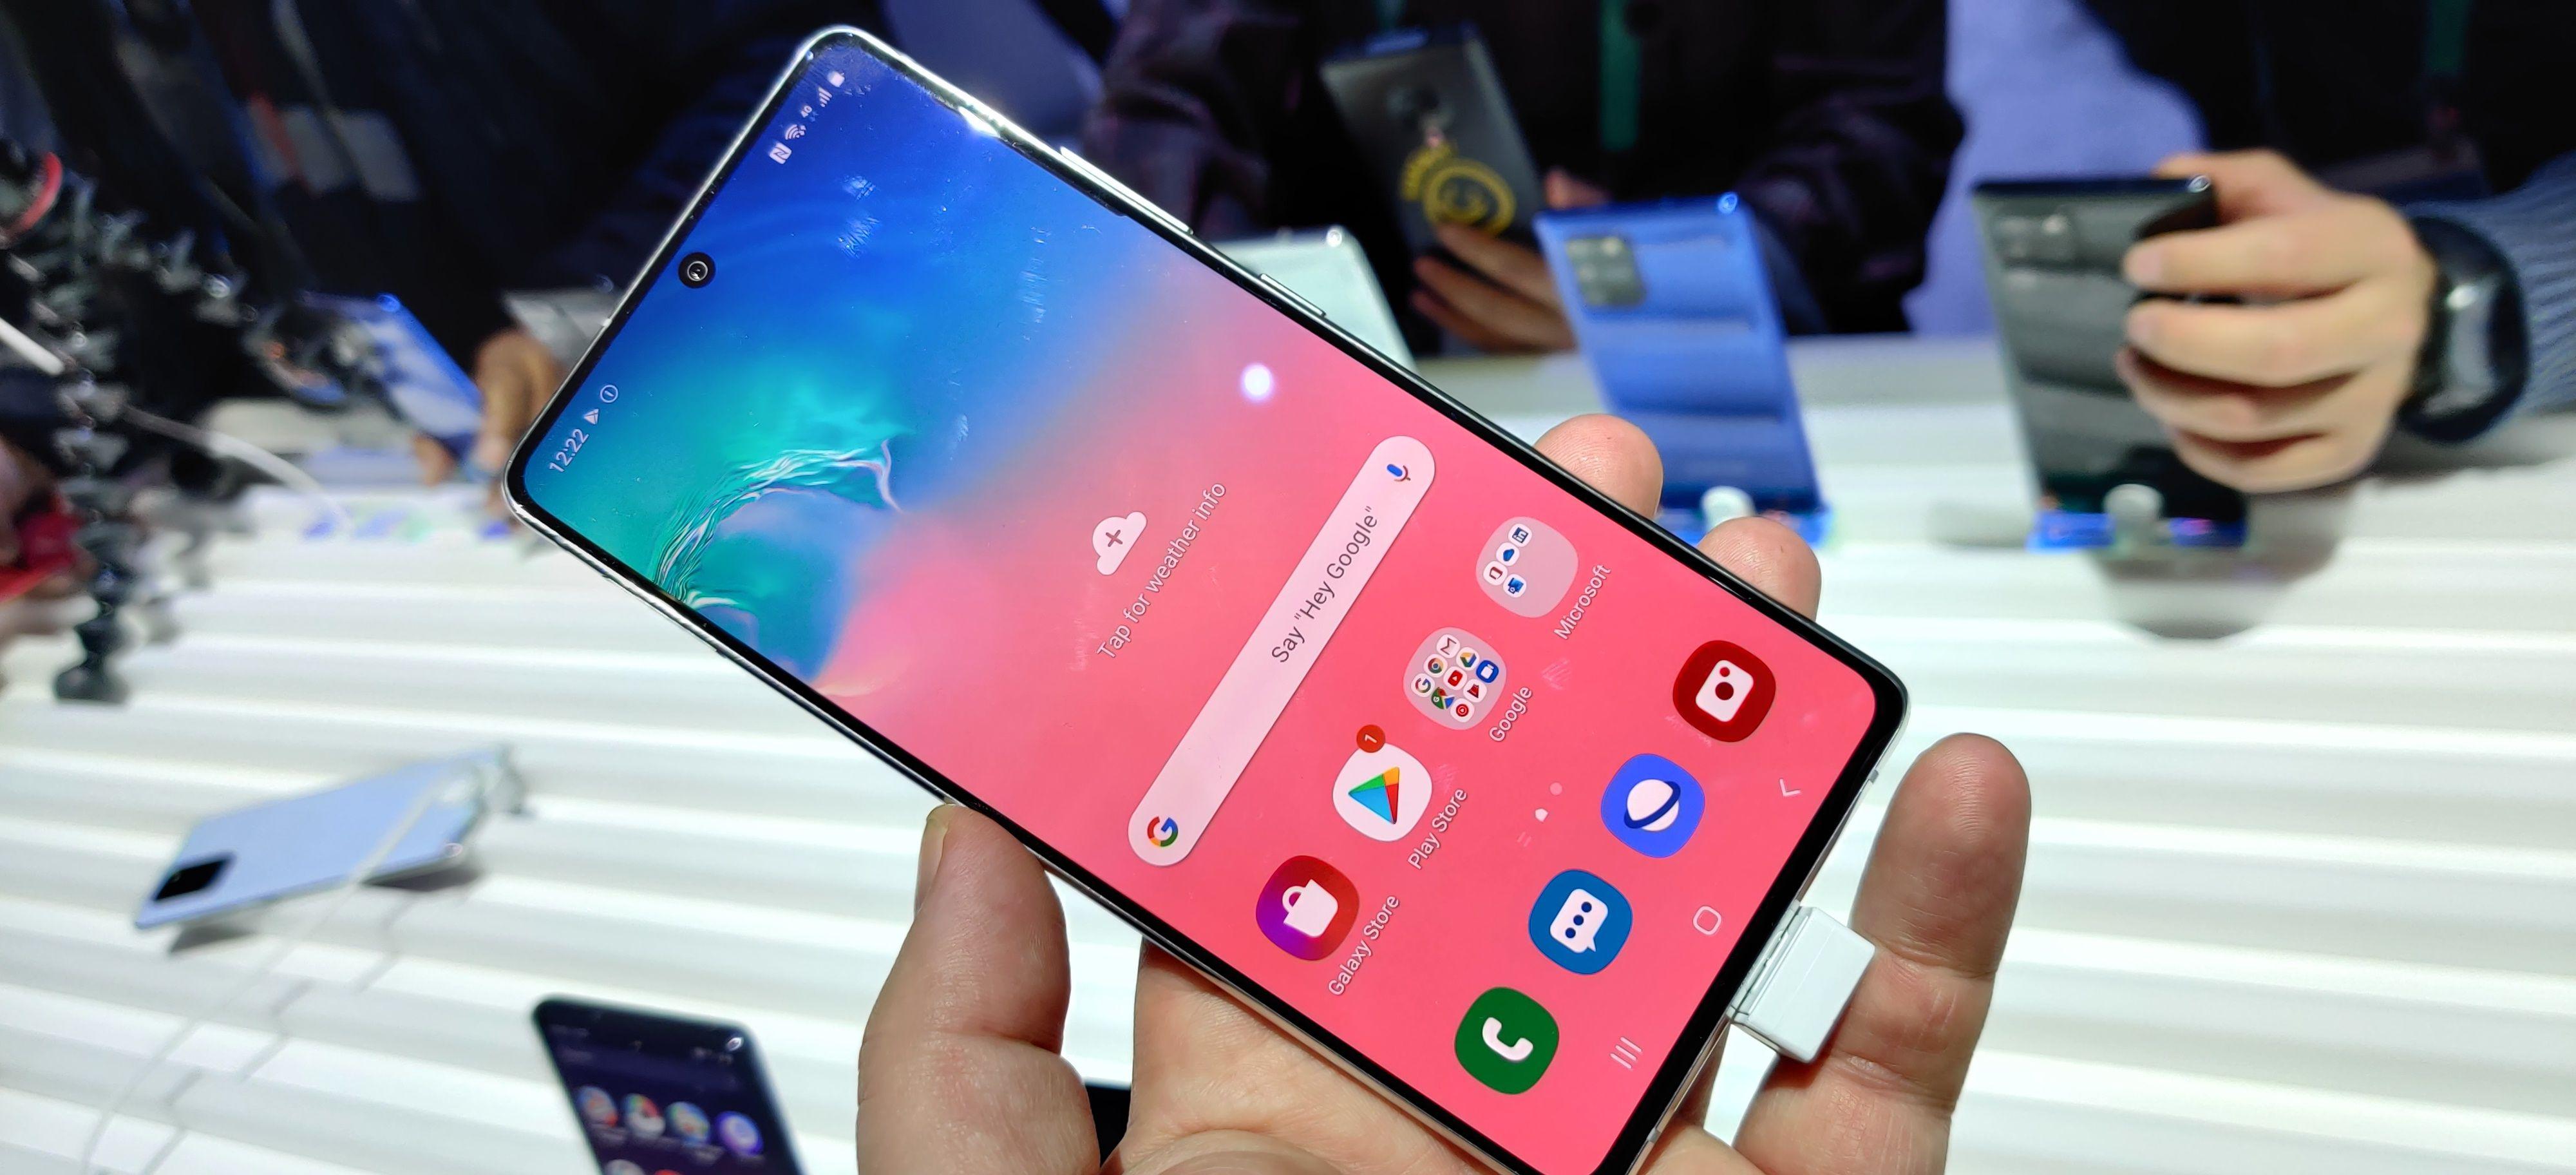 Samsung Galaxy A71 har en overraskende god byggekvalitet til prisen.